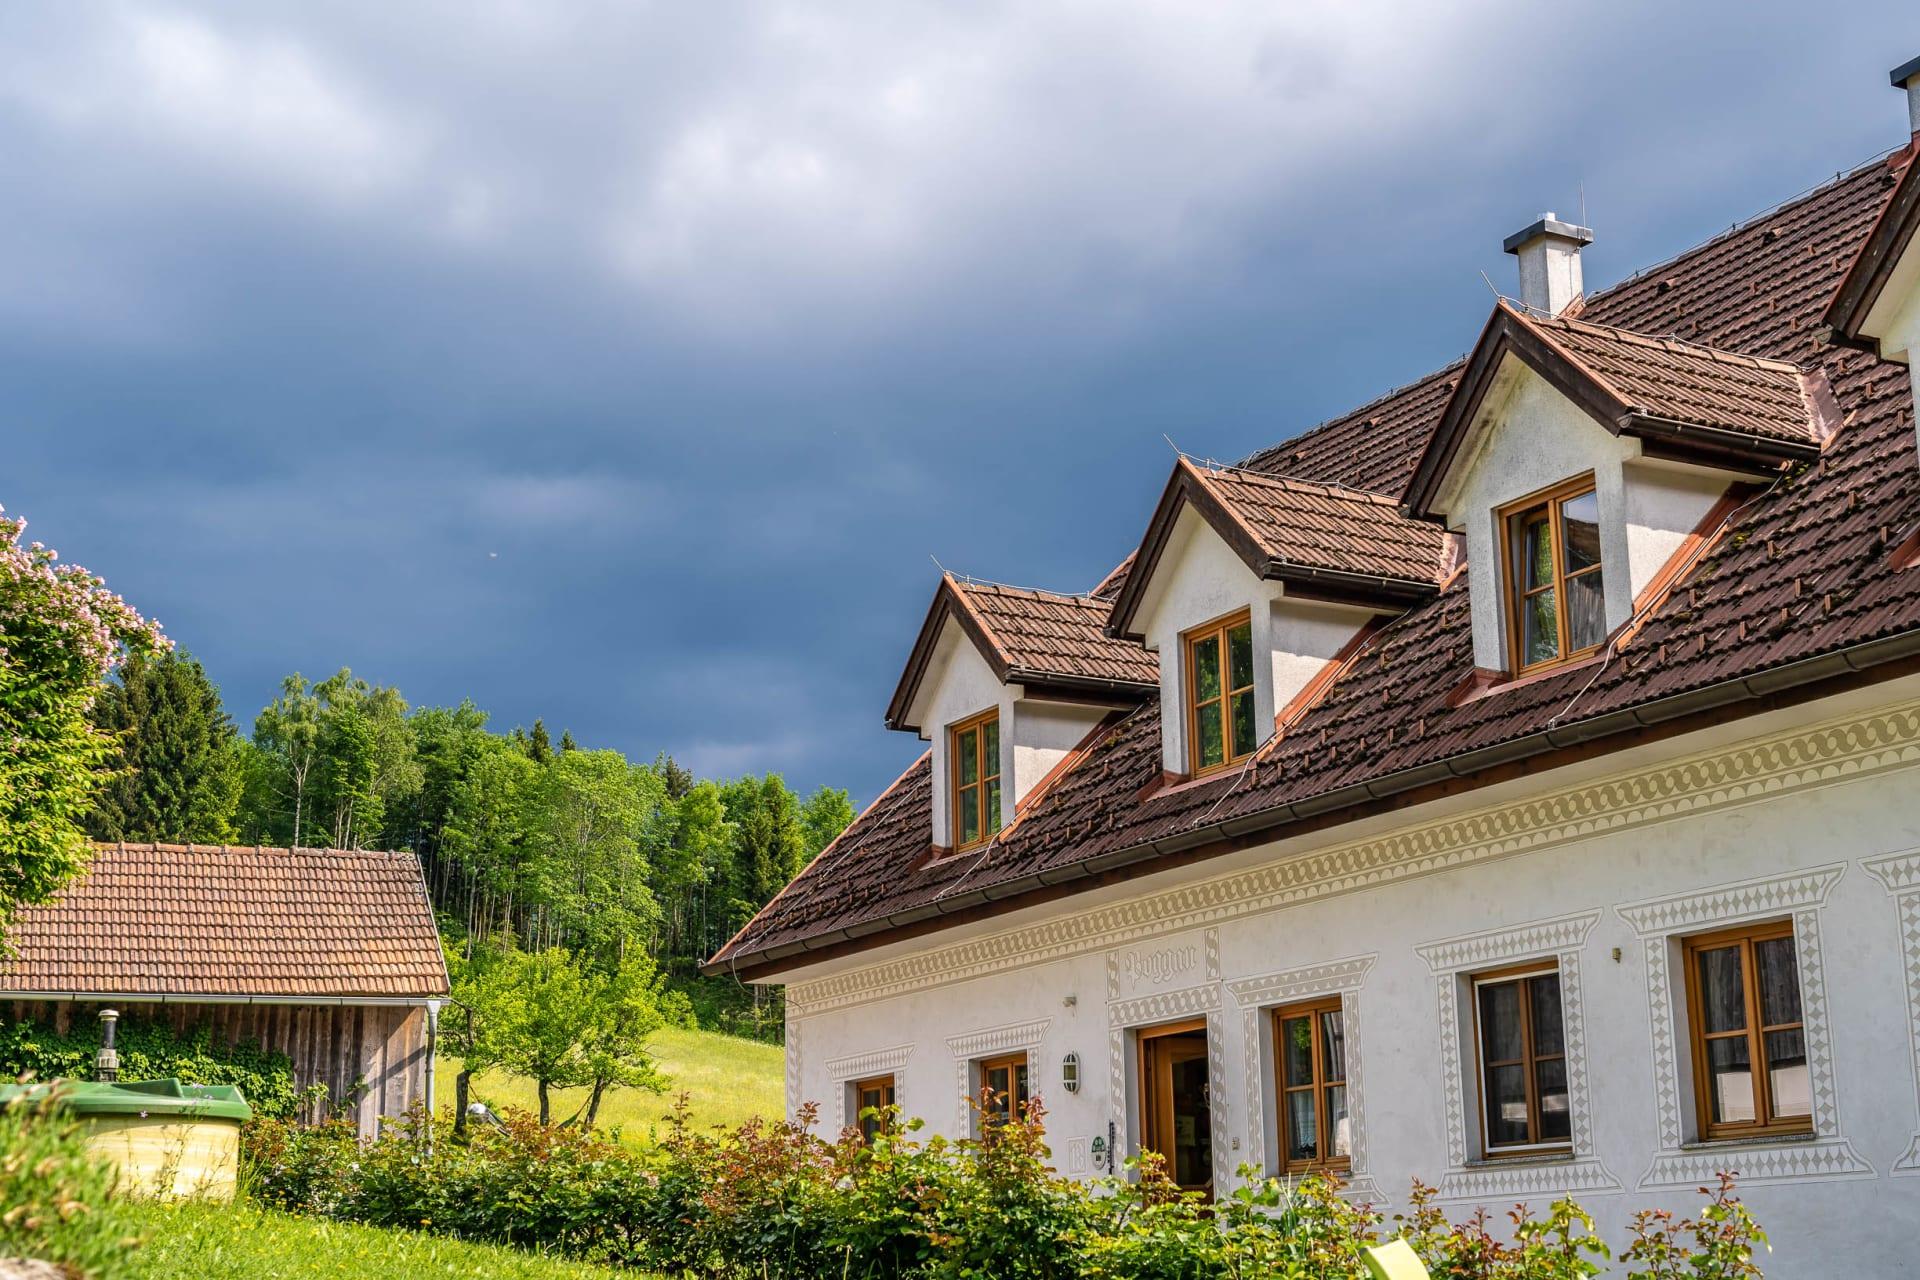 Haus Ansicht von der Gartenanlage